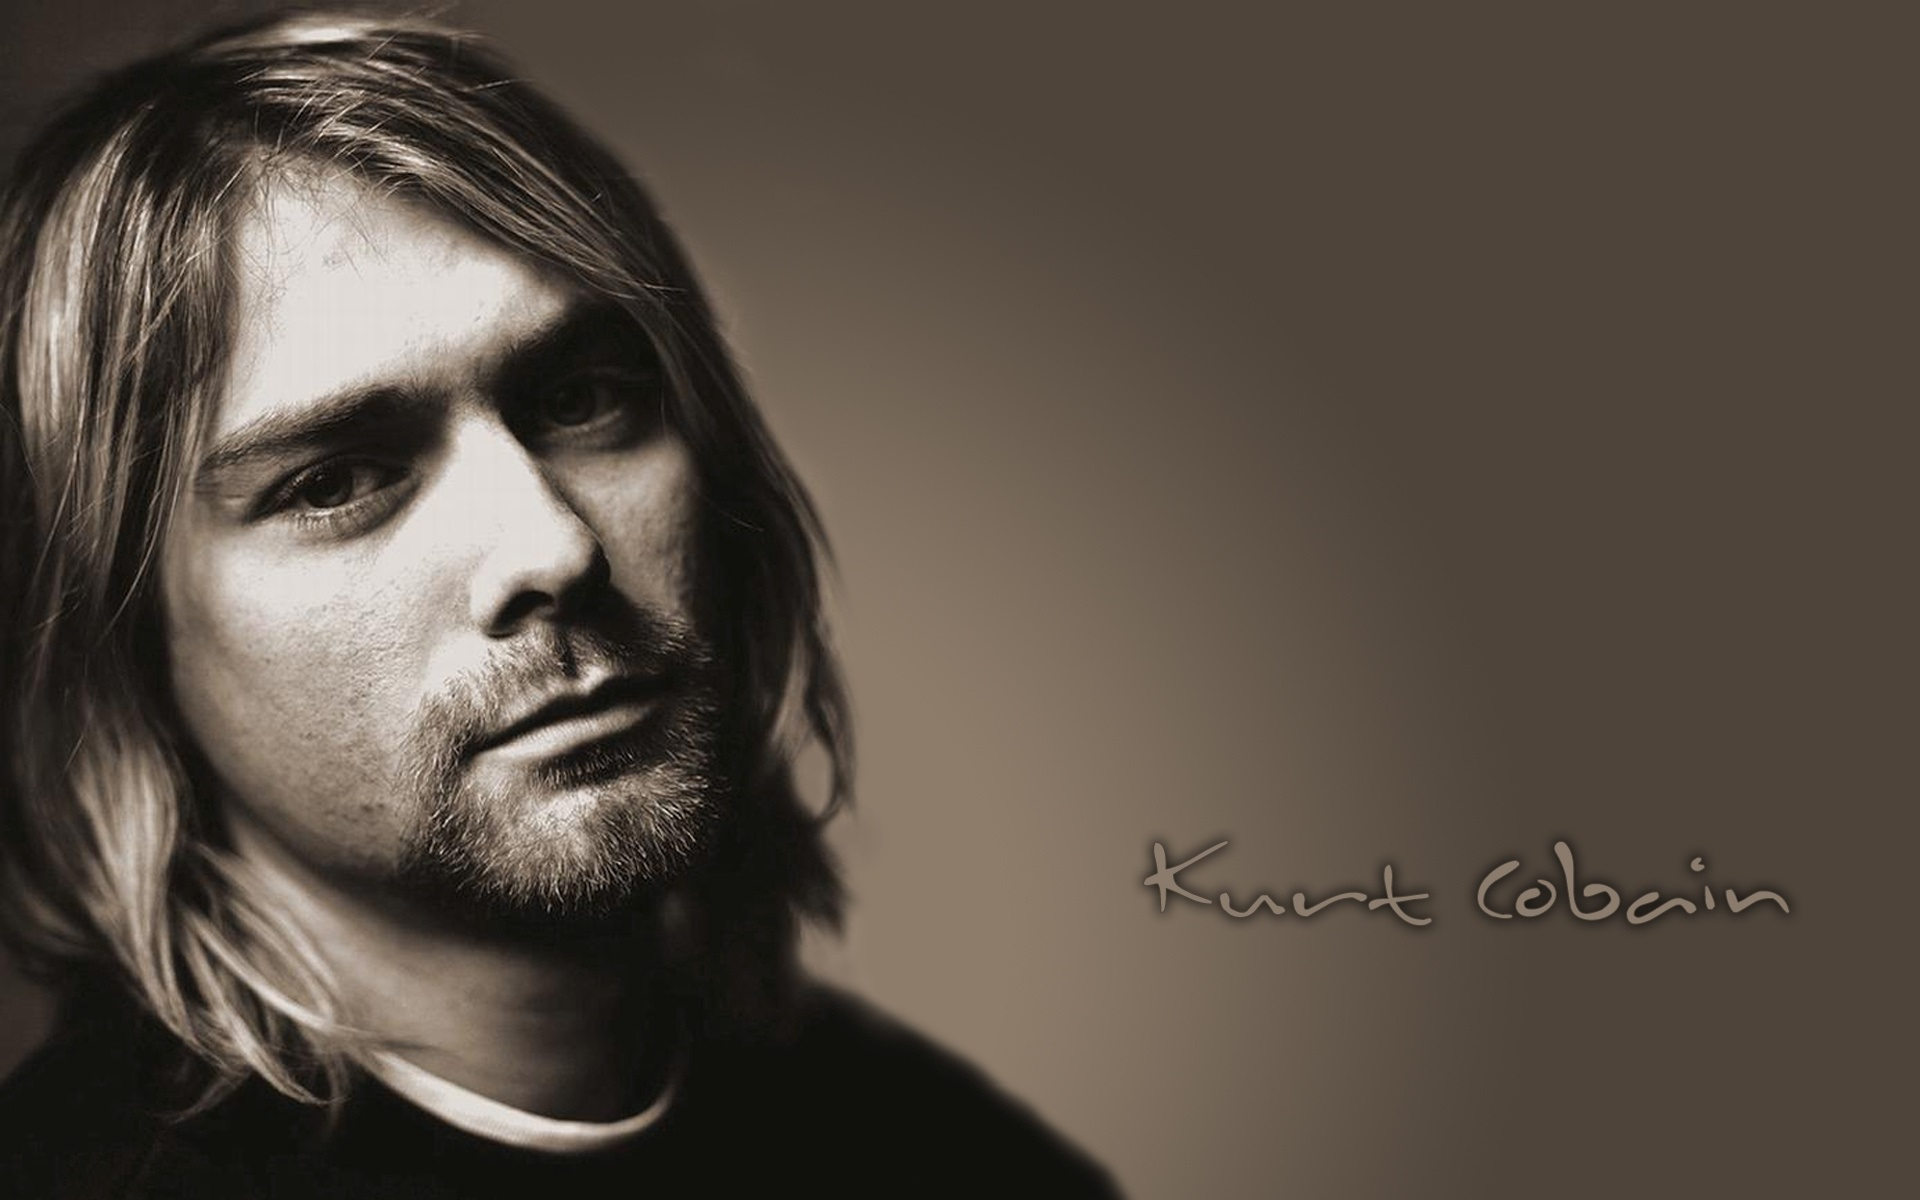 Kurt Cobain High Definition Wallpapers